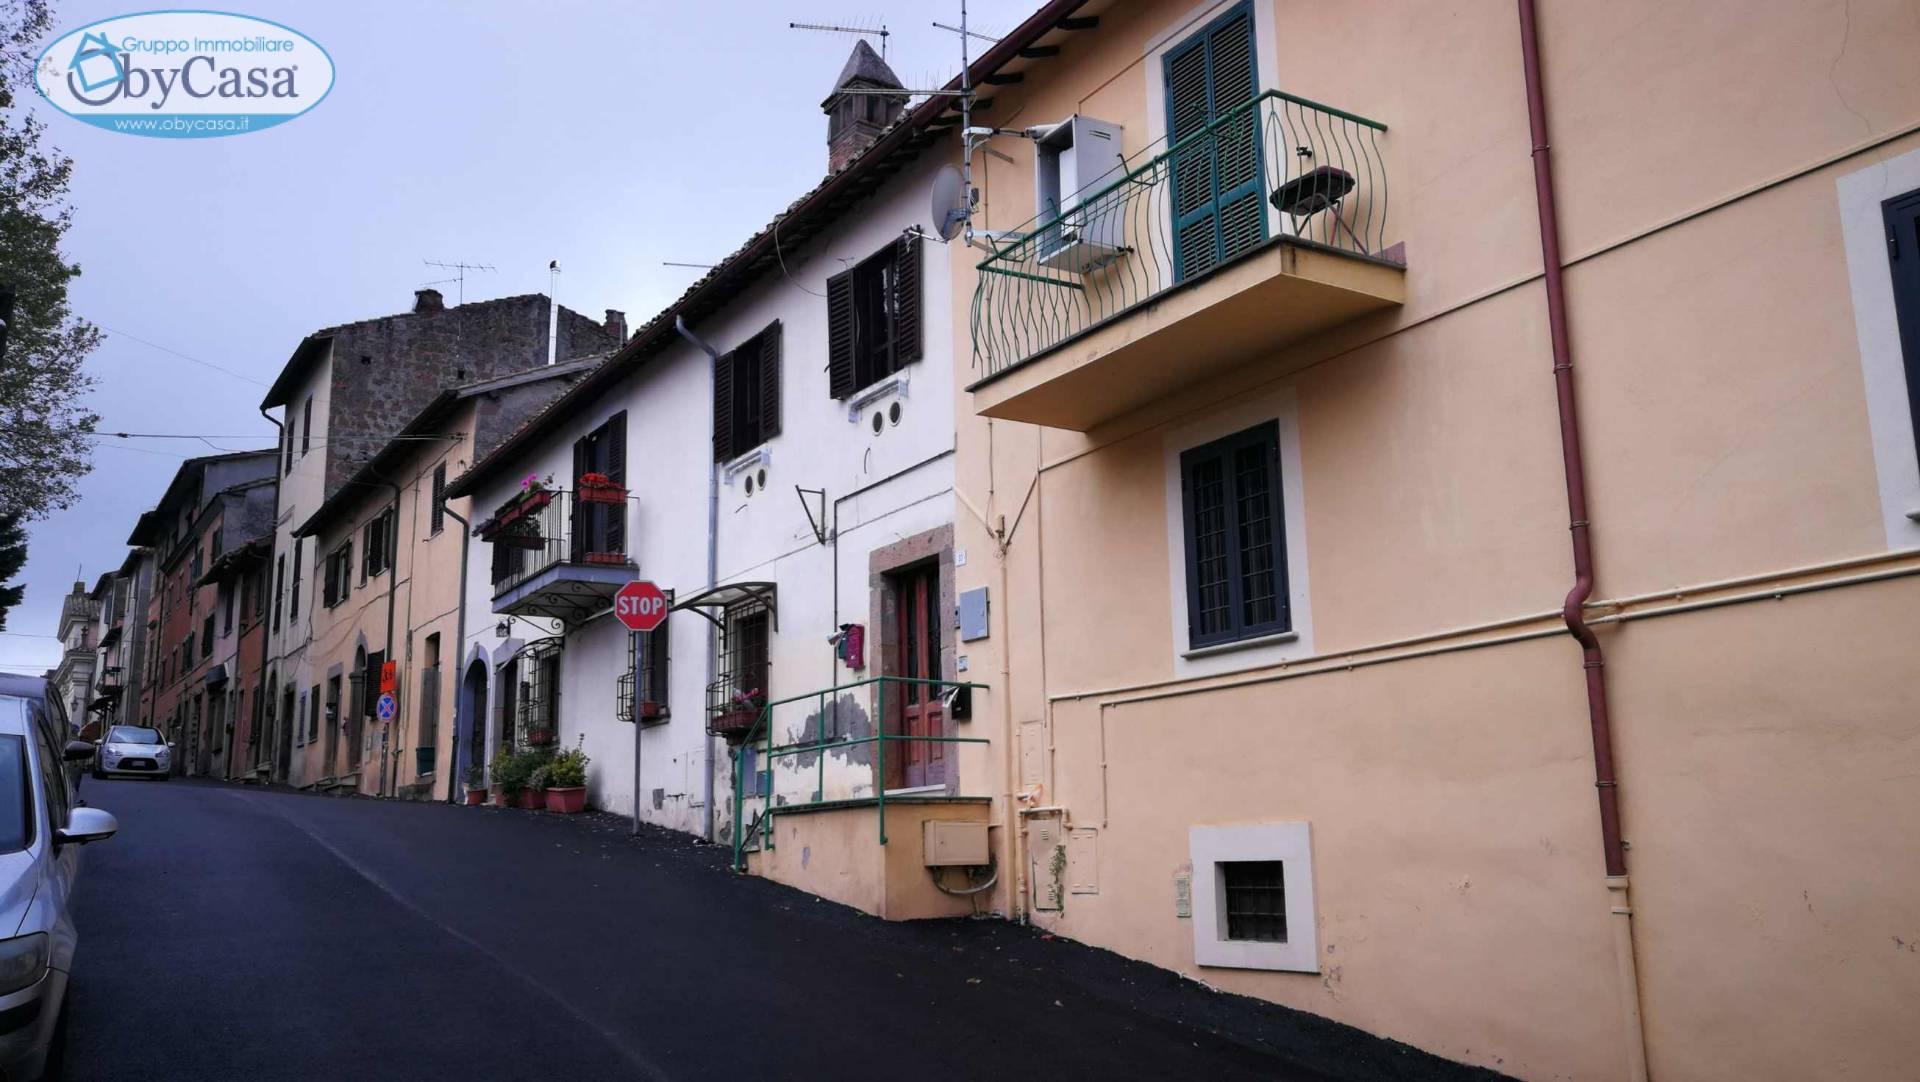 Appartamento in vendita a Manziana, 3 locali, zona Località: centro1, prezzo € 83.000 | CambioCasa.it